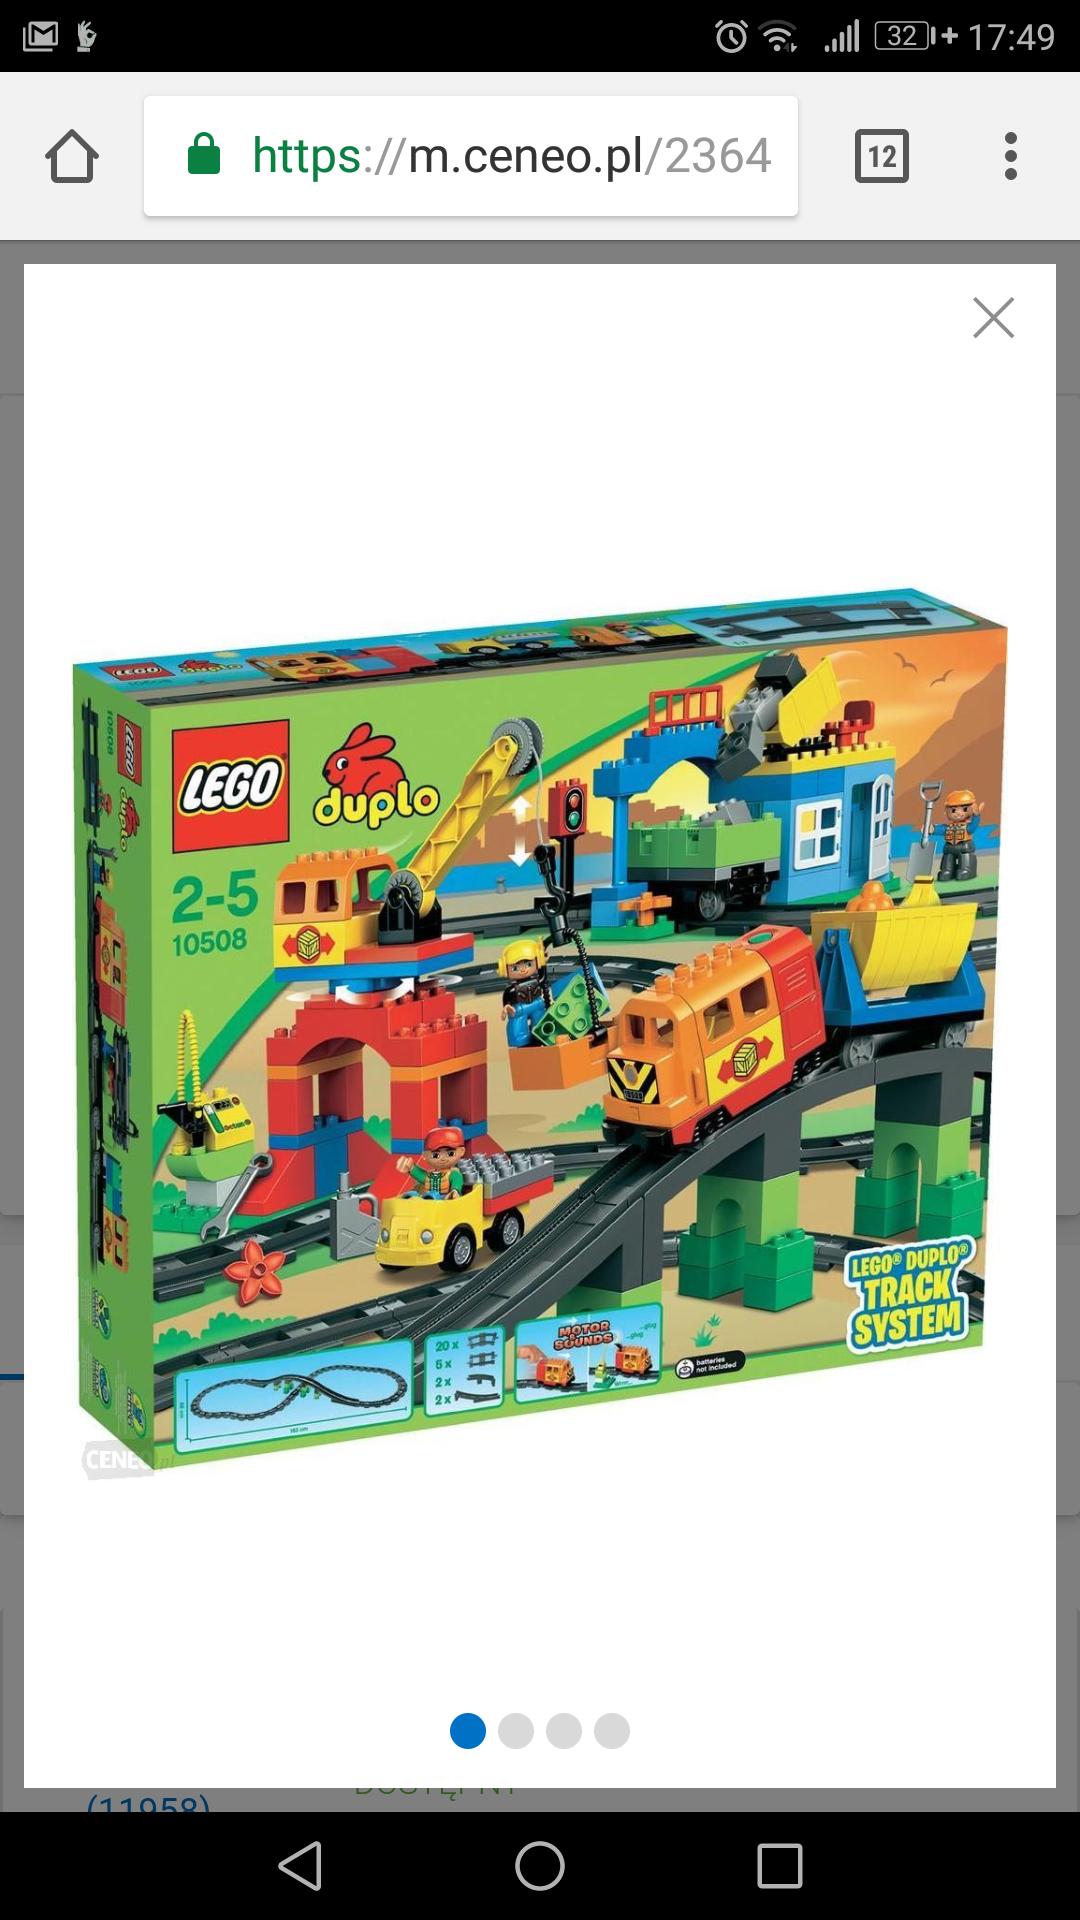 Lego Duplo zestaw deluxe za 130 zł w aplikacji mall.pl